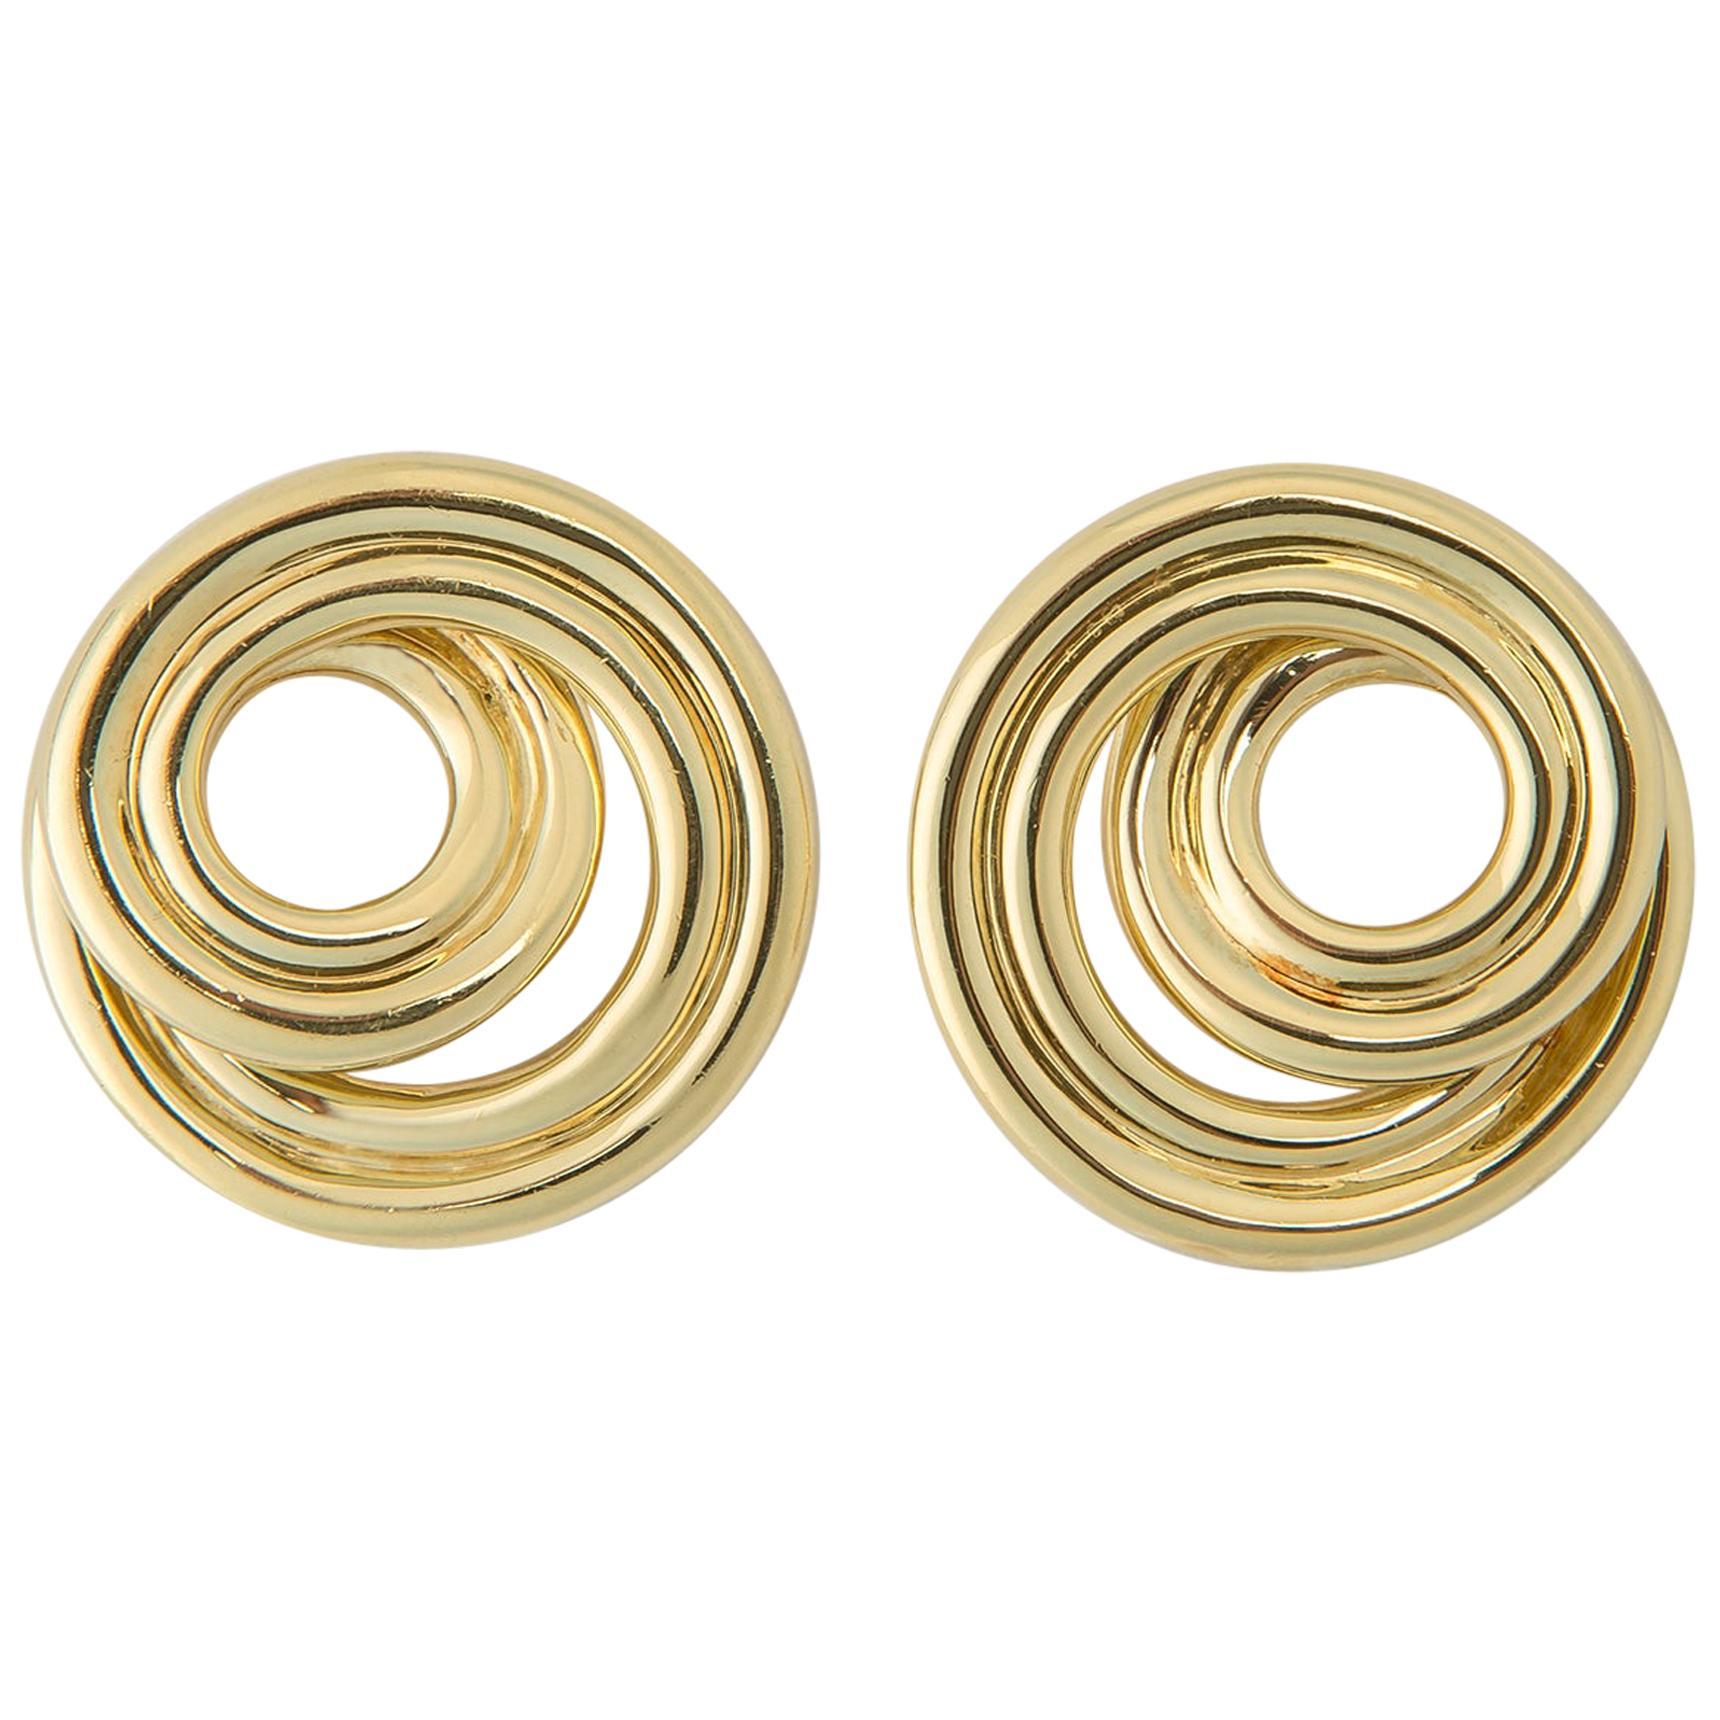 Tiffany & Co. Classic Swirl Gold Earrings